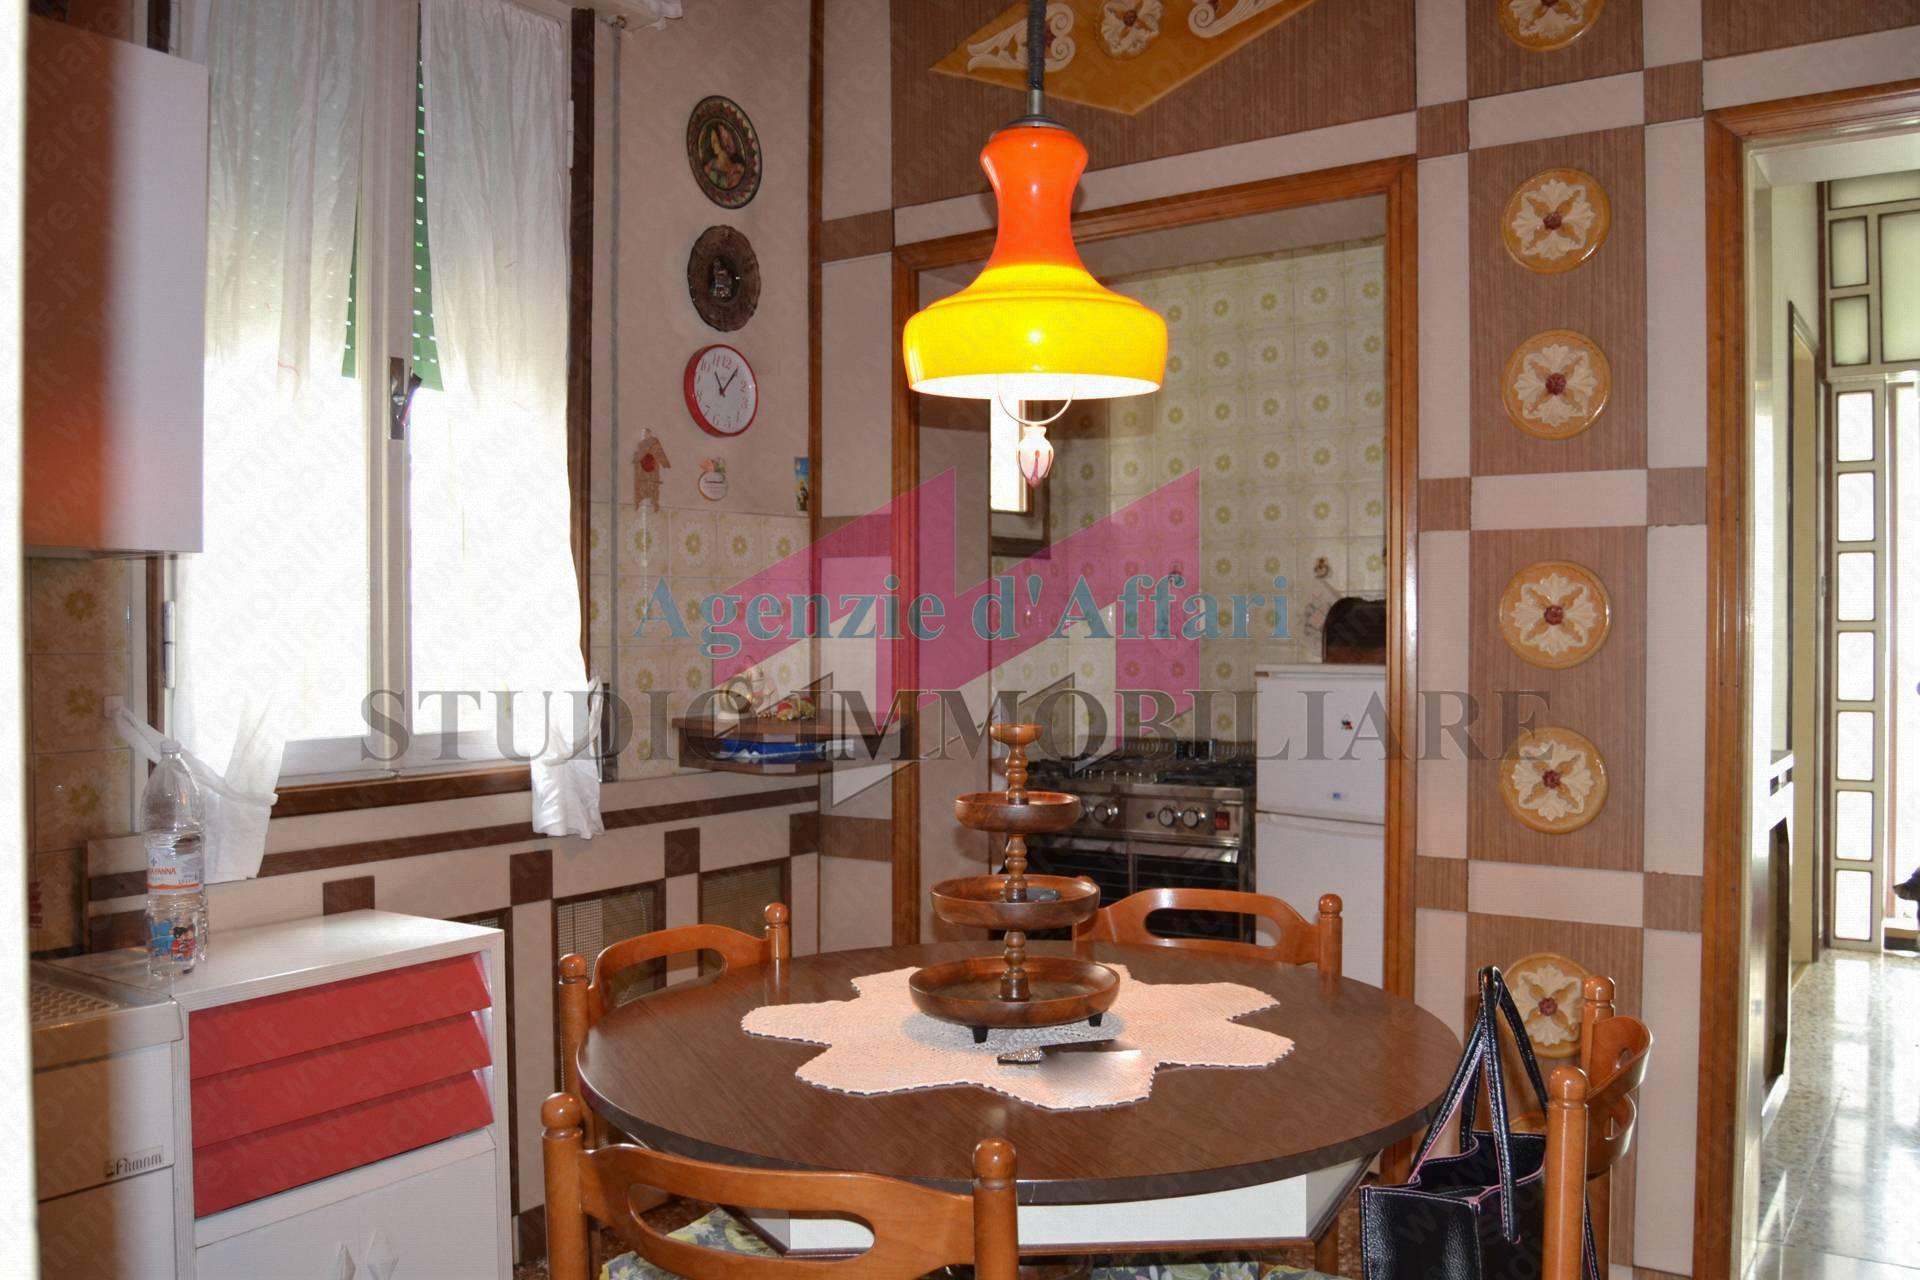 Appartamento in vendita a Castelnovo Bariano, 6 locali, prezzo € 47.000   PortaleAgenzieImmobiliari.it